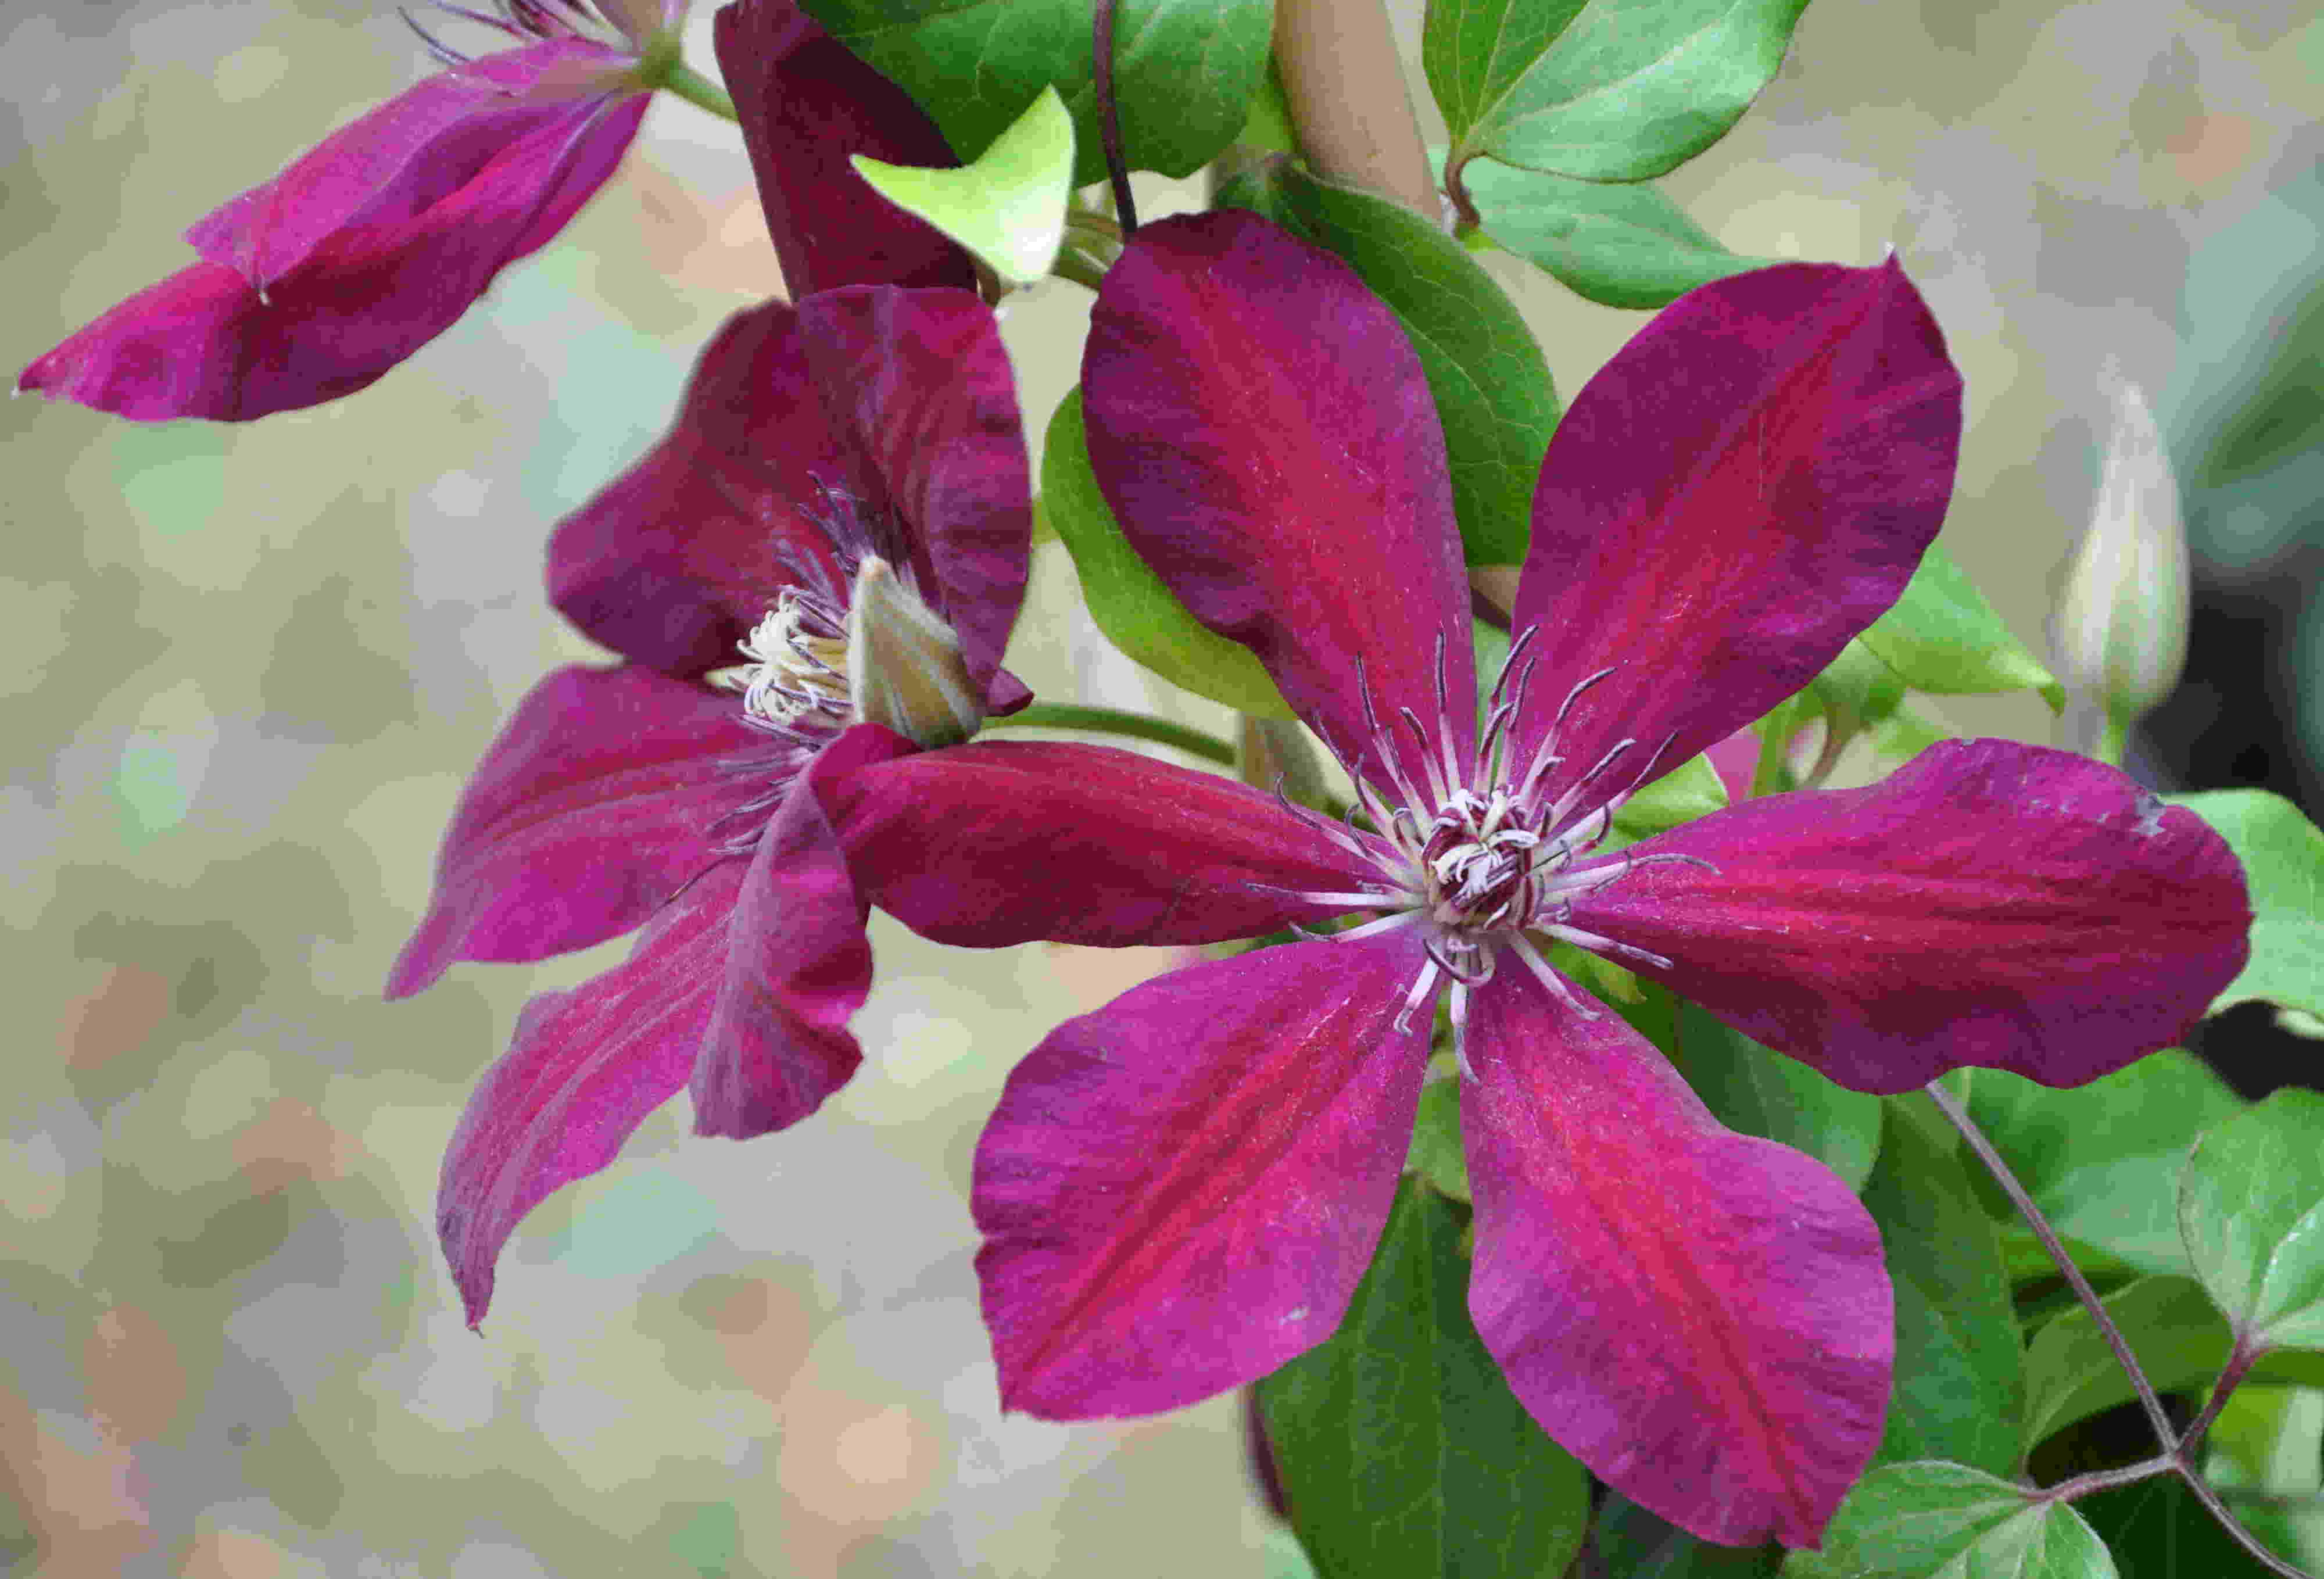 Storblommiga klematis är mer näringskrävande.